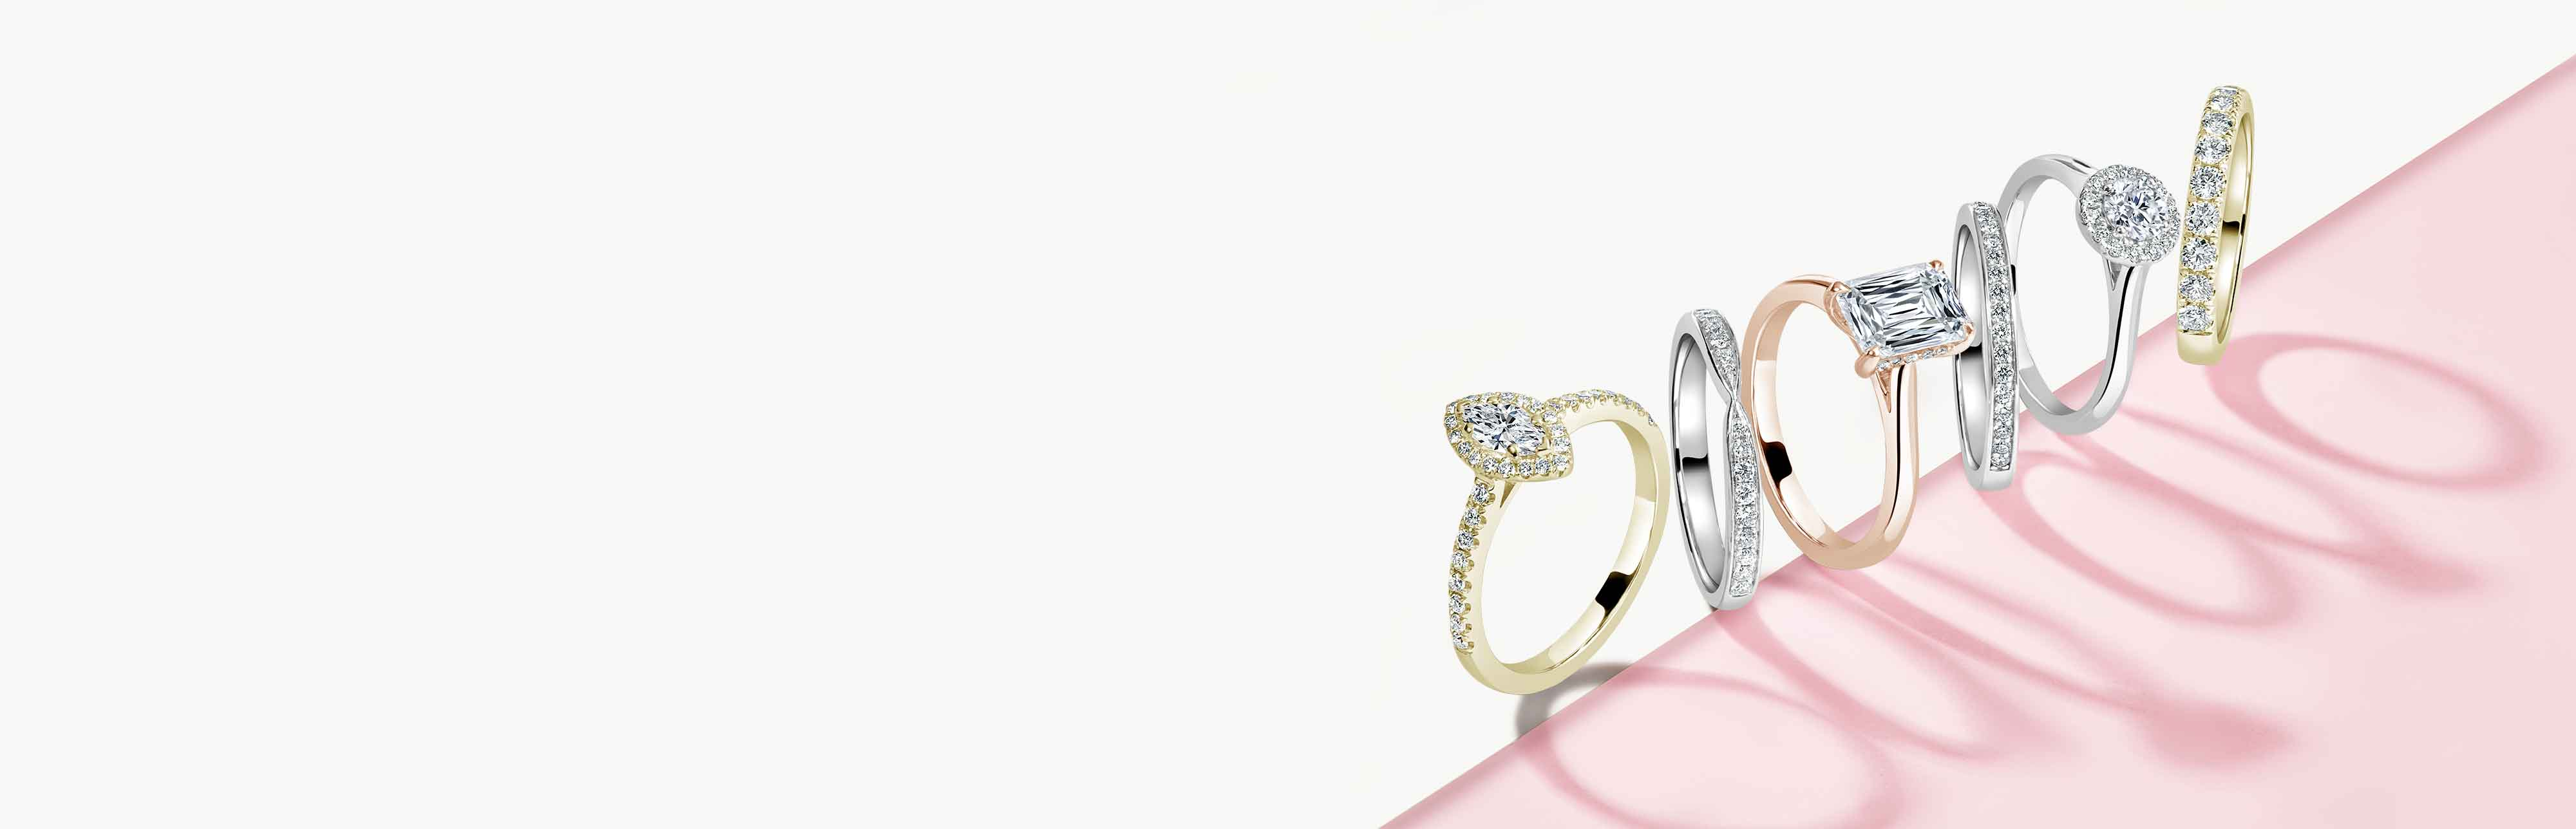 Diamond Set Shoulder Engagement Rings - Steven Stone